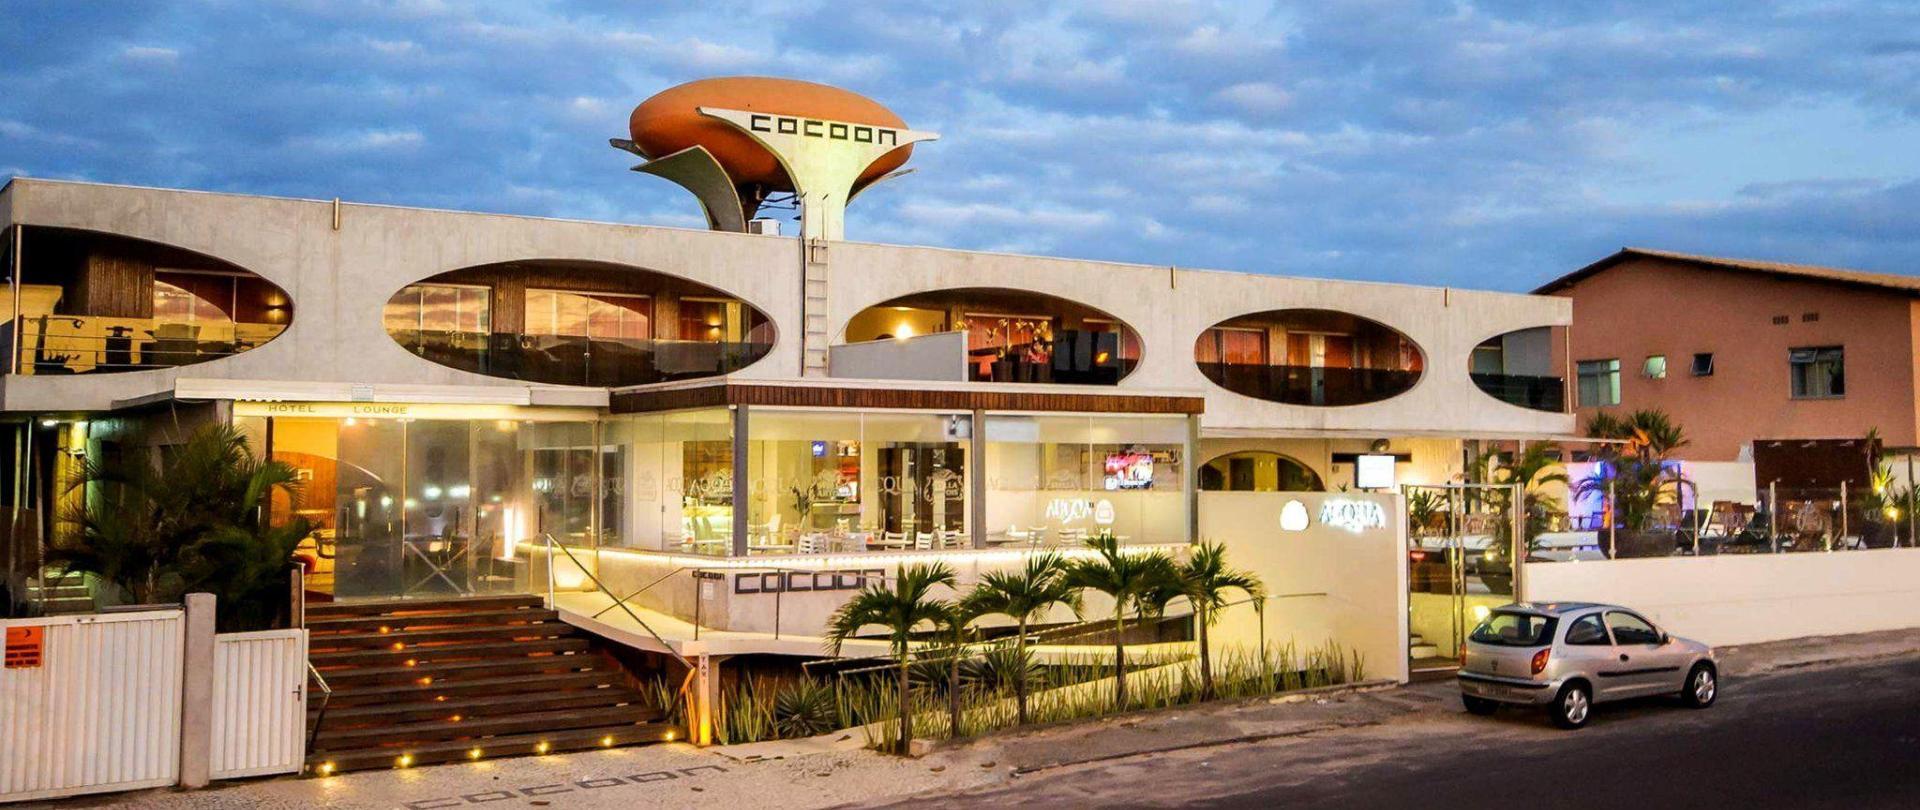 Cocoon Hotel Lounge Salvador Brasilien